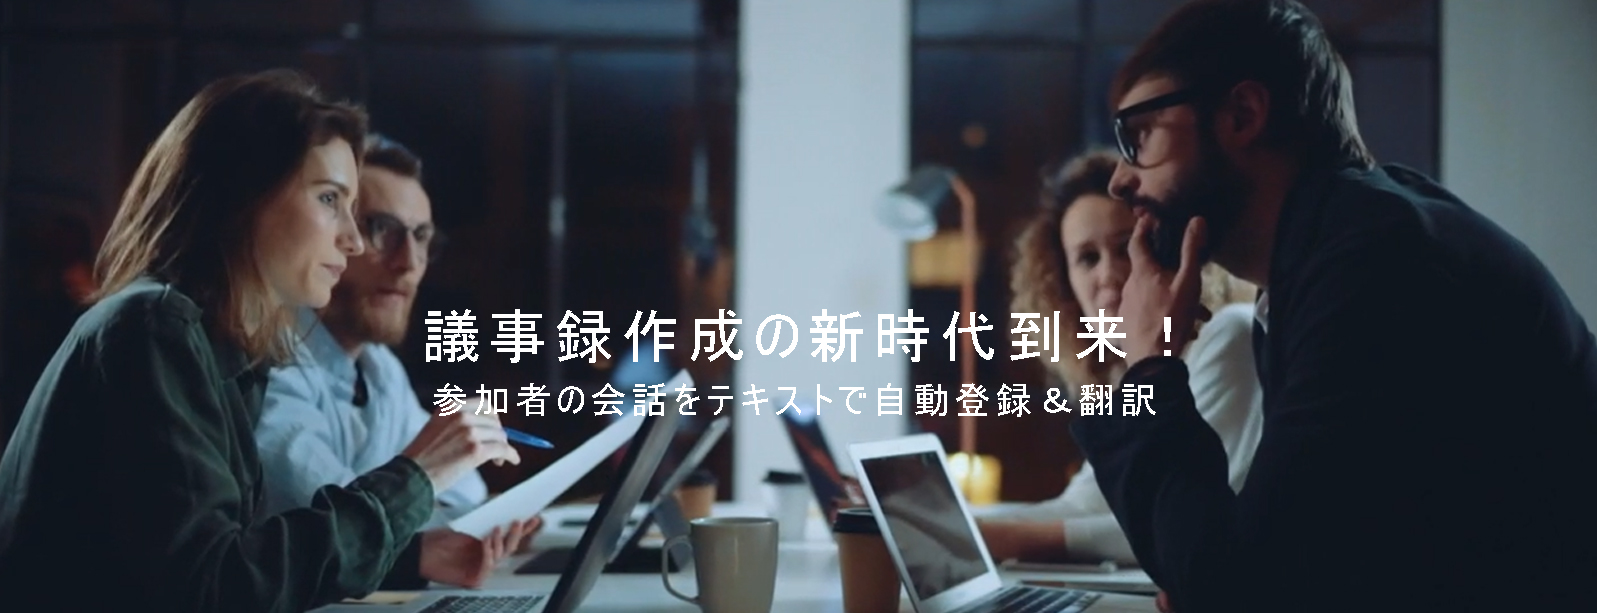 議事録作成の新時代到来!参加者の会話をテキストで自動登録&翻訳